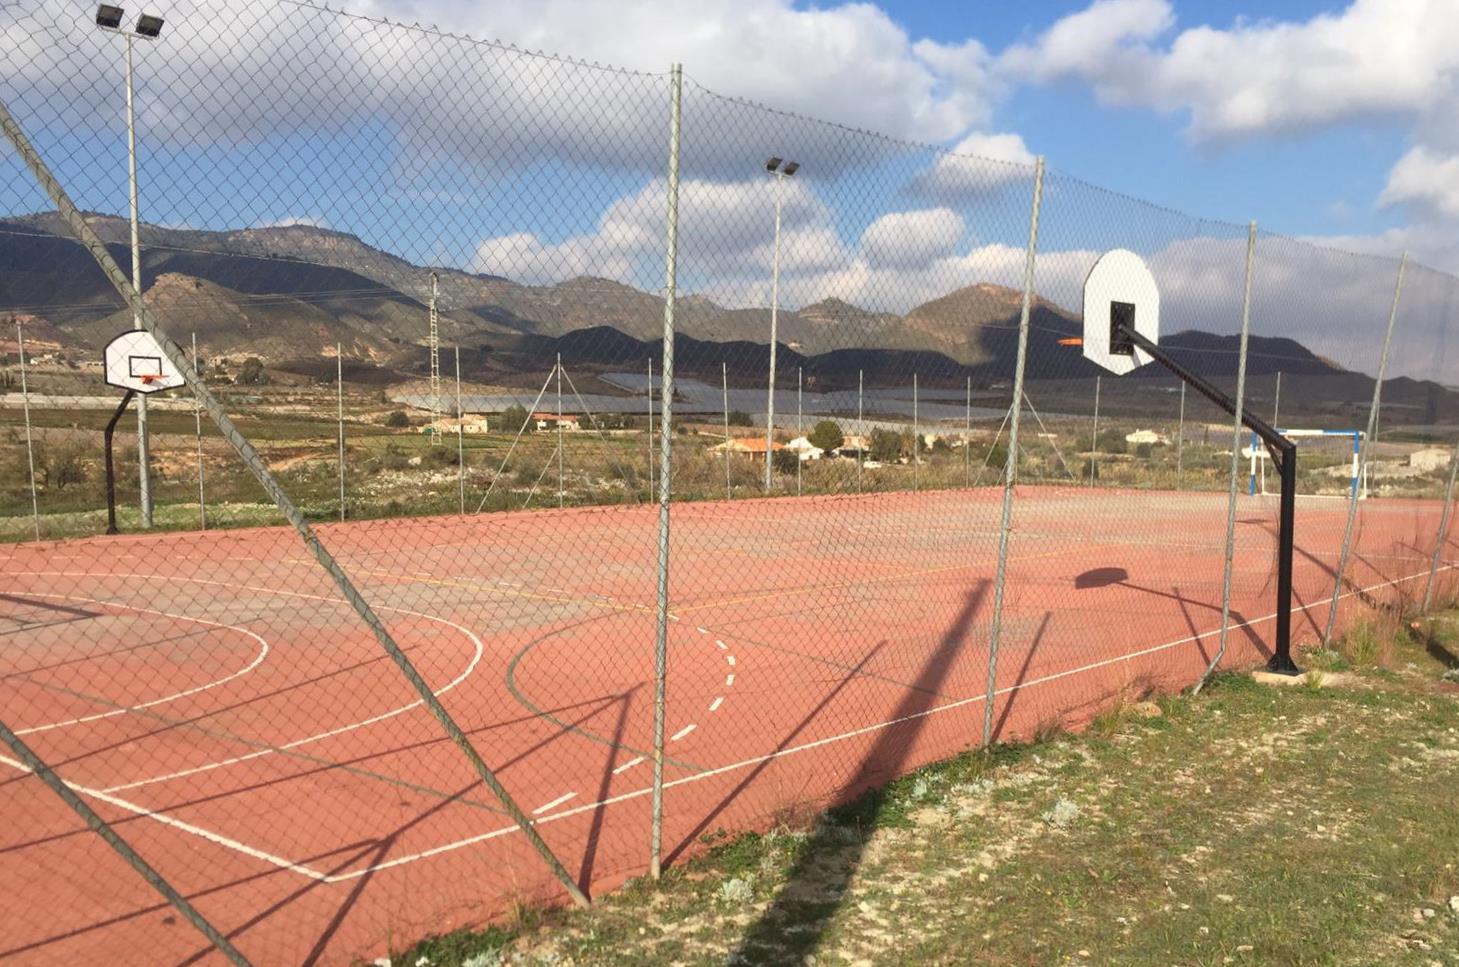 El PSOE exige al Ayuntamiento de Lorca que recupere el sistema de alumbrado de la pista polideportiva de la pedanía de Morata